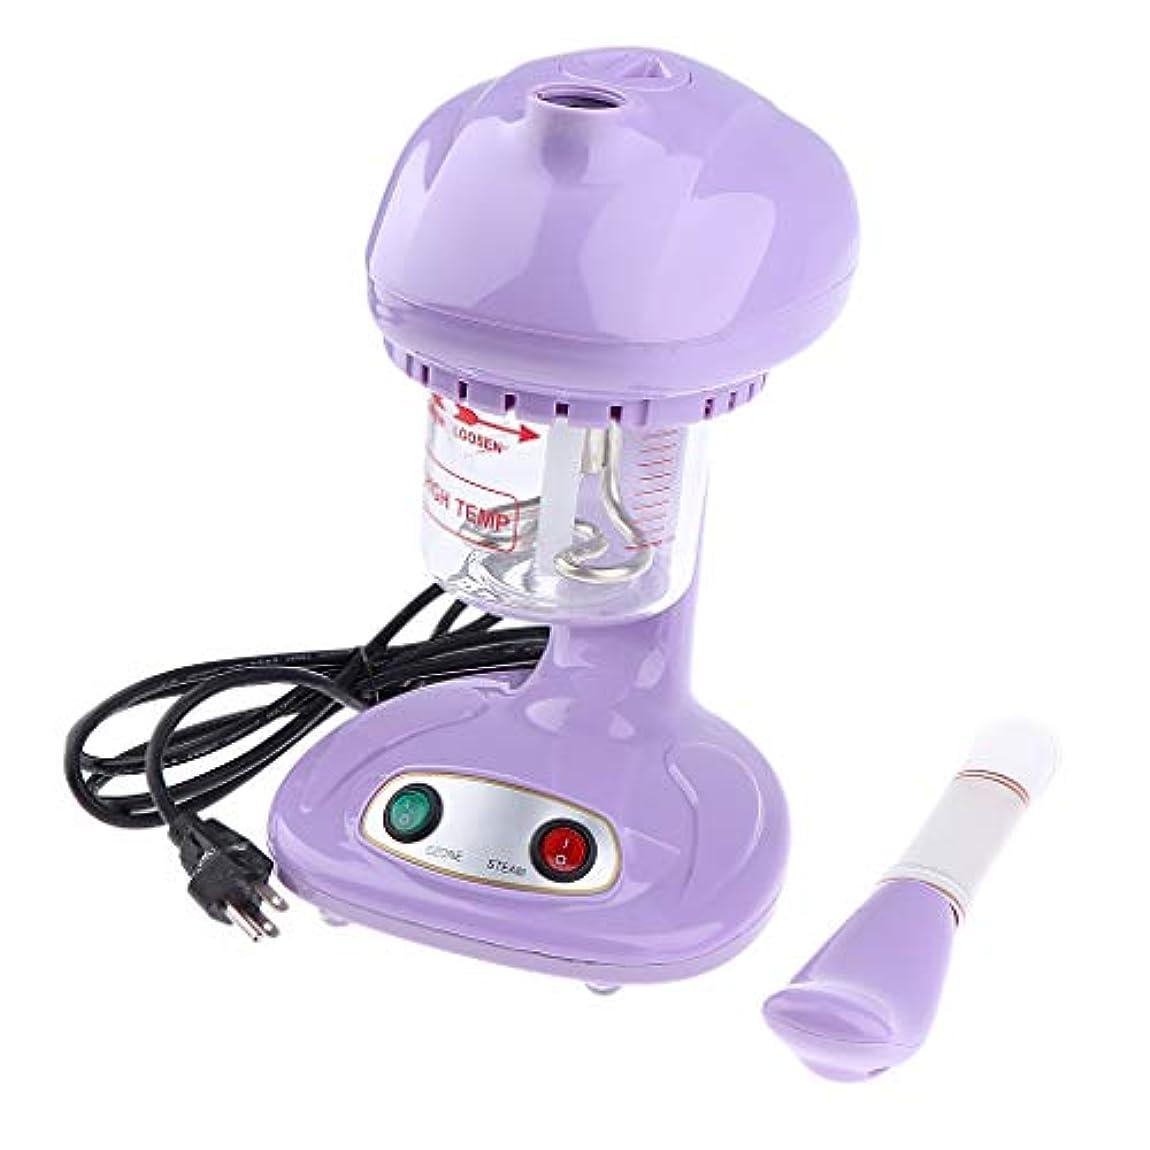 上提供された尊敬するP Prettyia 補水美顔器 スキンスプレーャー スパ SPA サロン 毛穴ケア 2色選べ - 紫